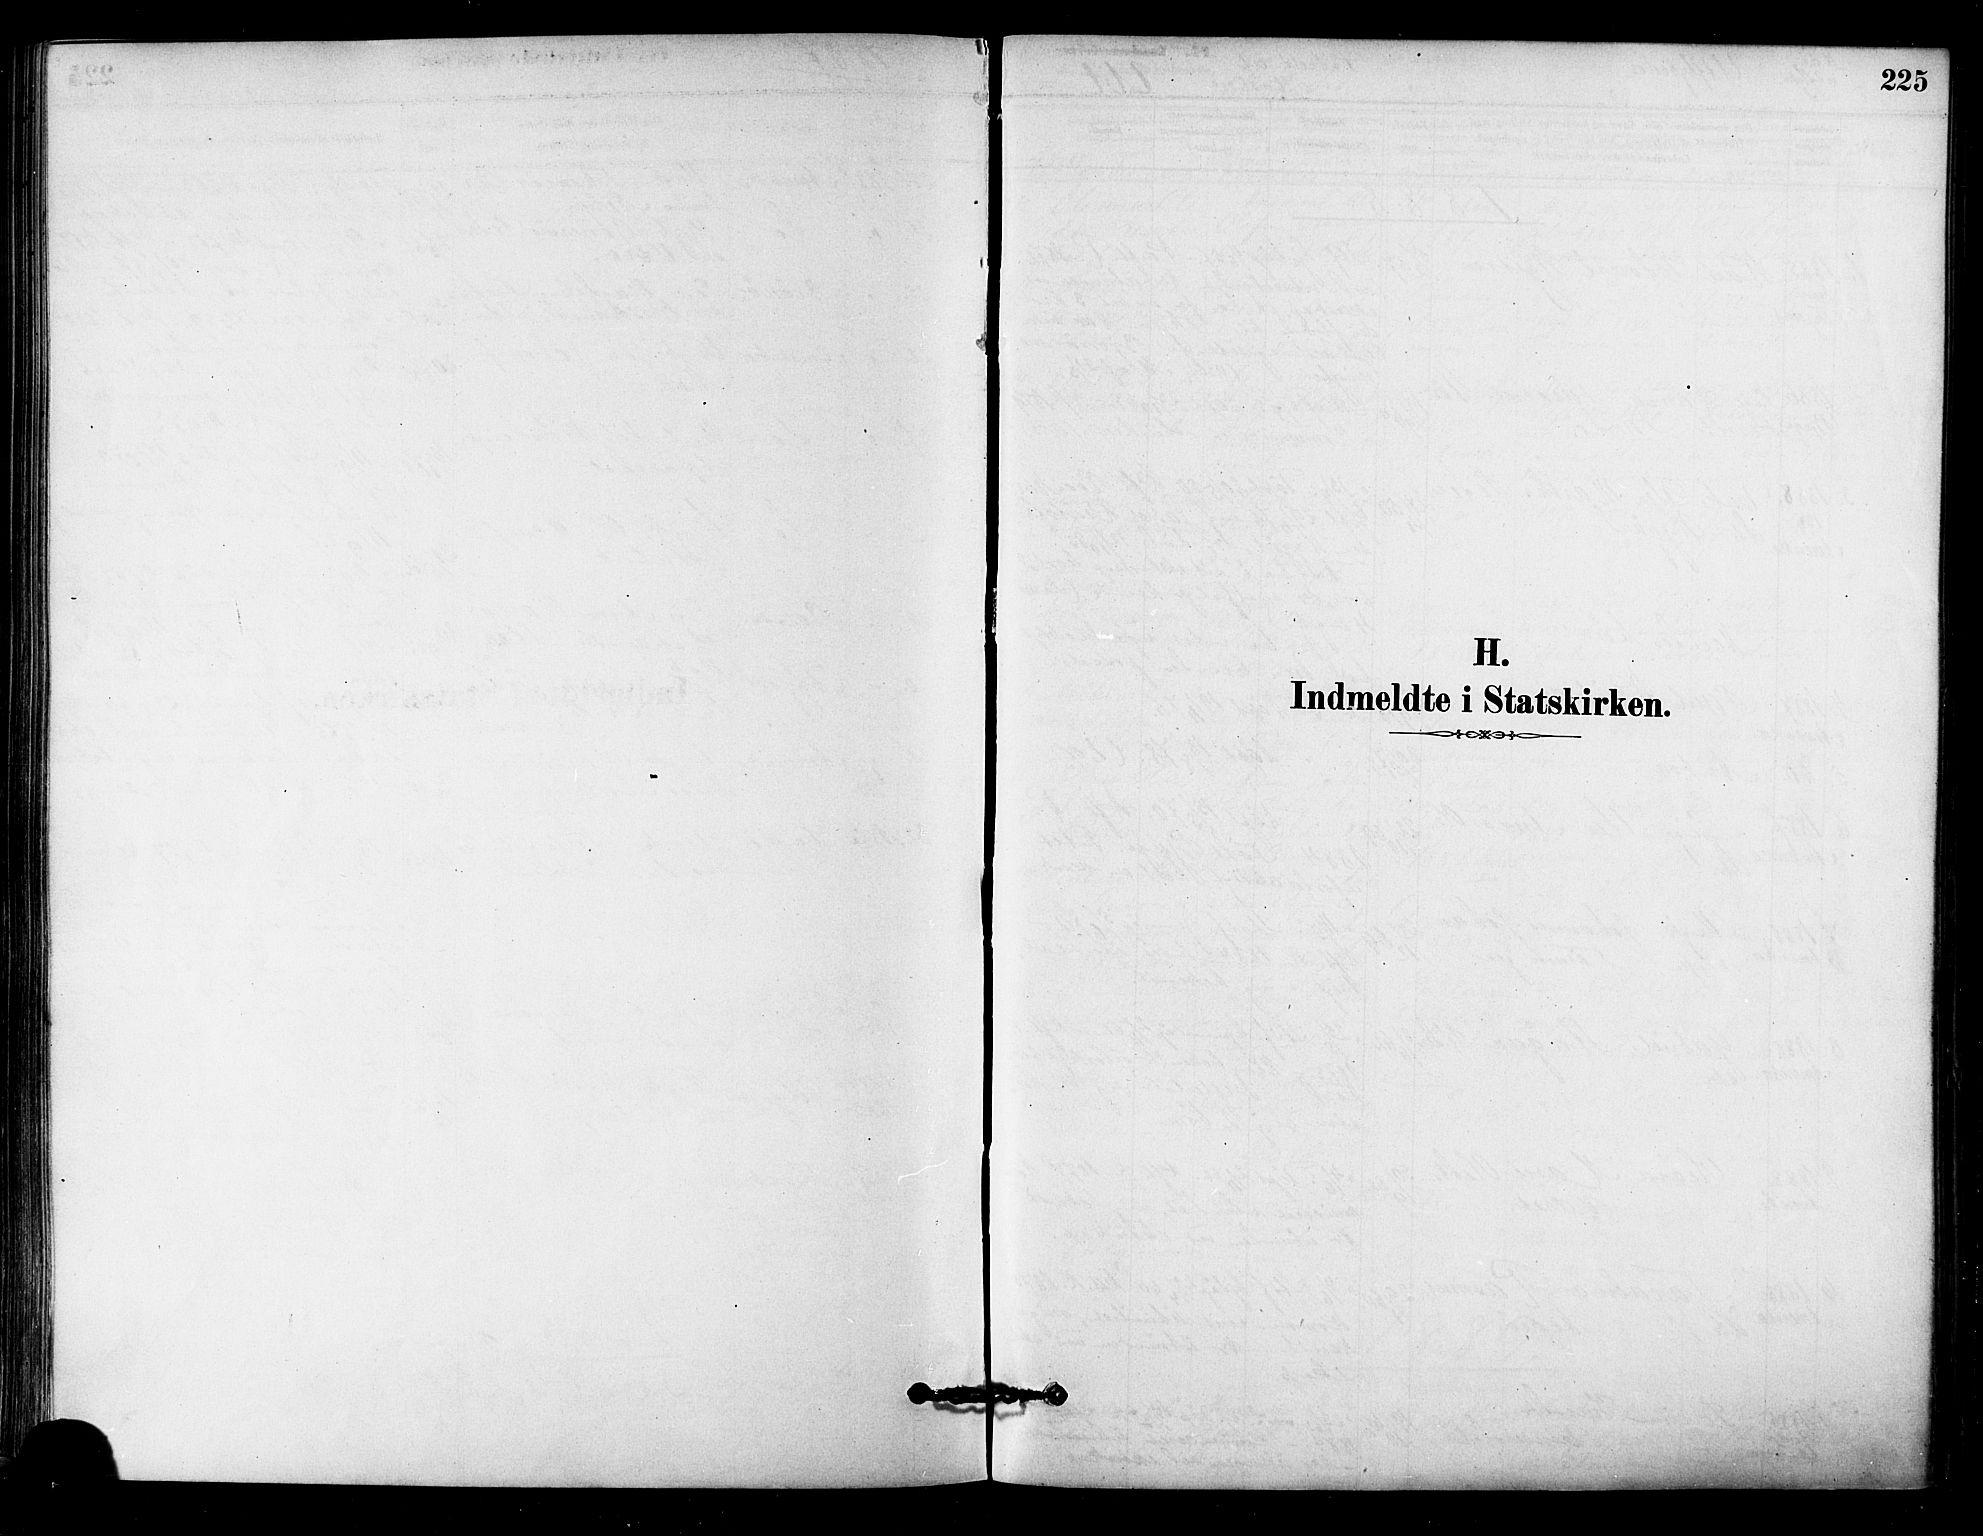 SAT, Ministerialprotokoller, klokkerbøker og fødselsregistre - Sør-Trøndelag, 657/L0707: Ministerialbok nr. 657A08, 1879-1893, s. 225